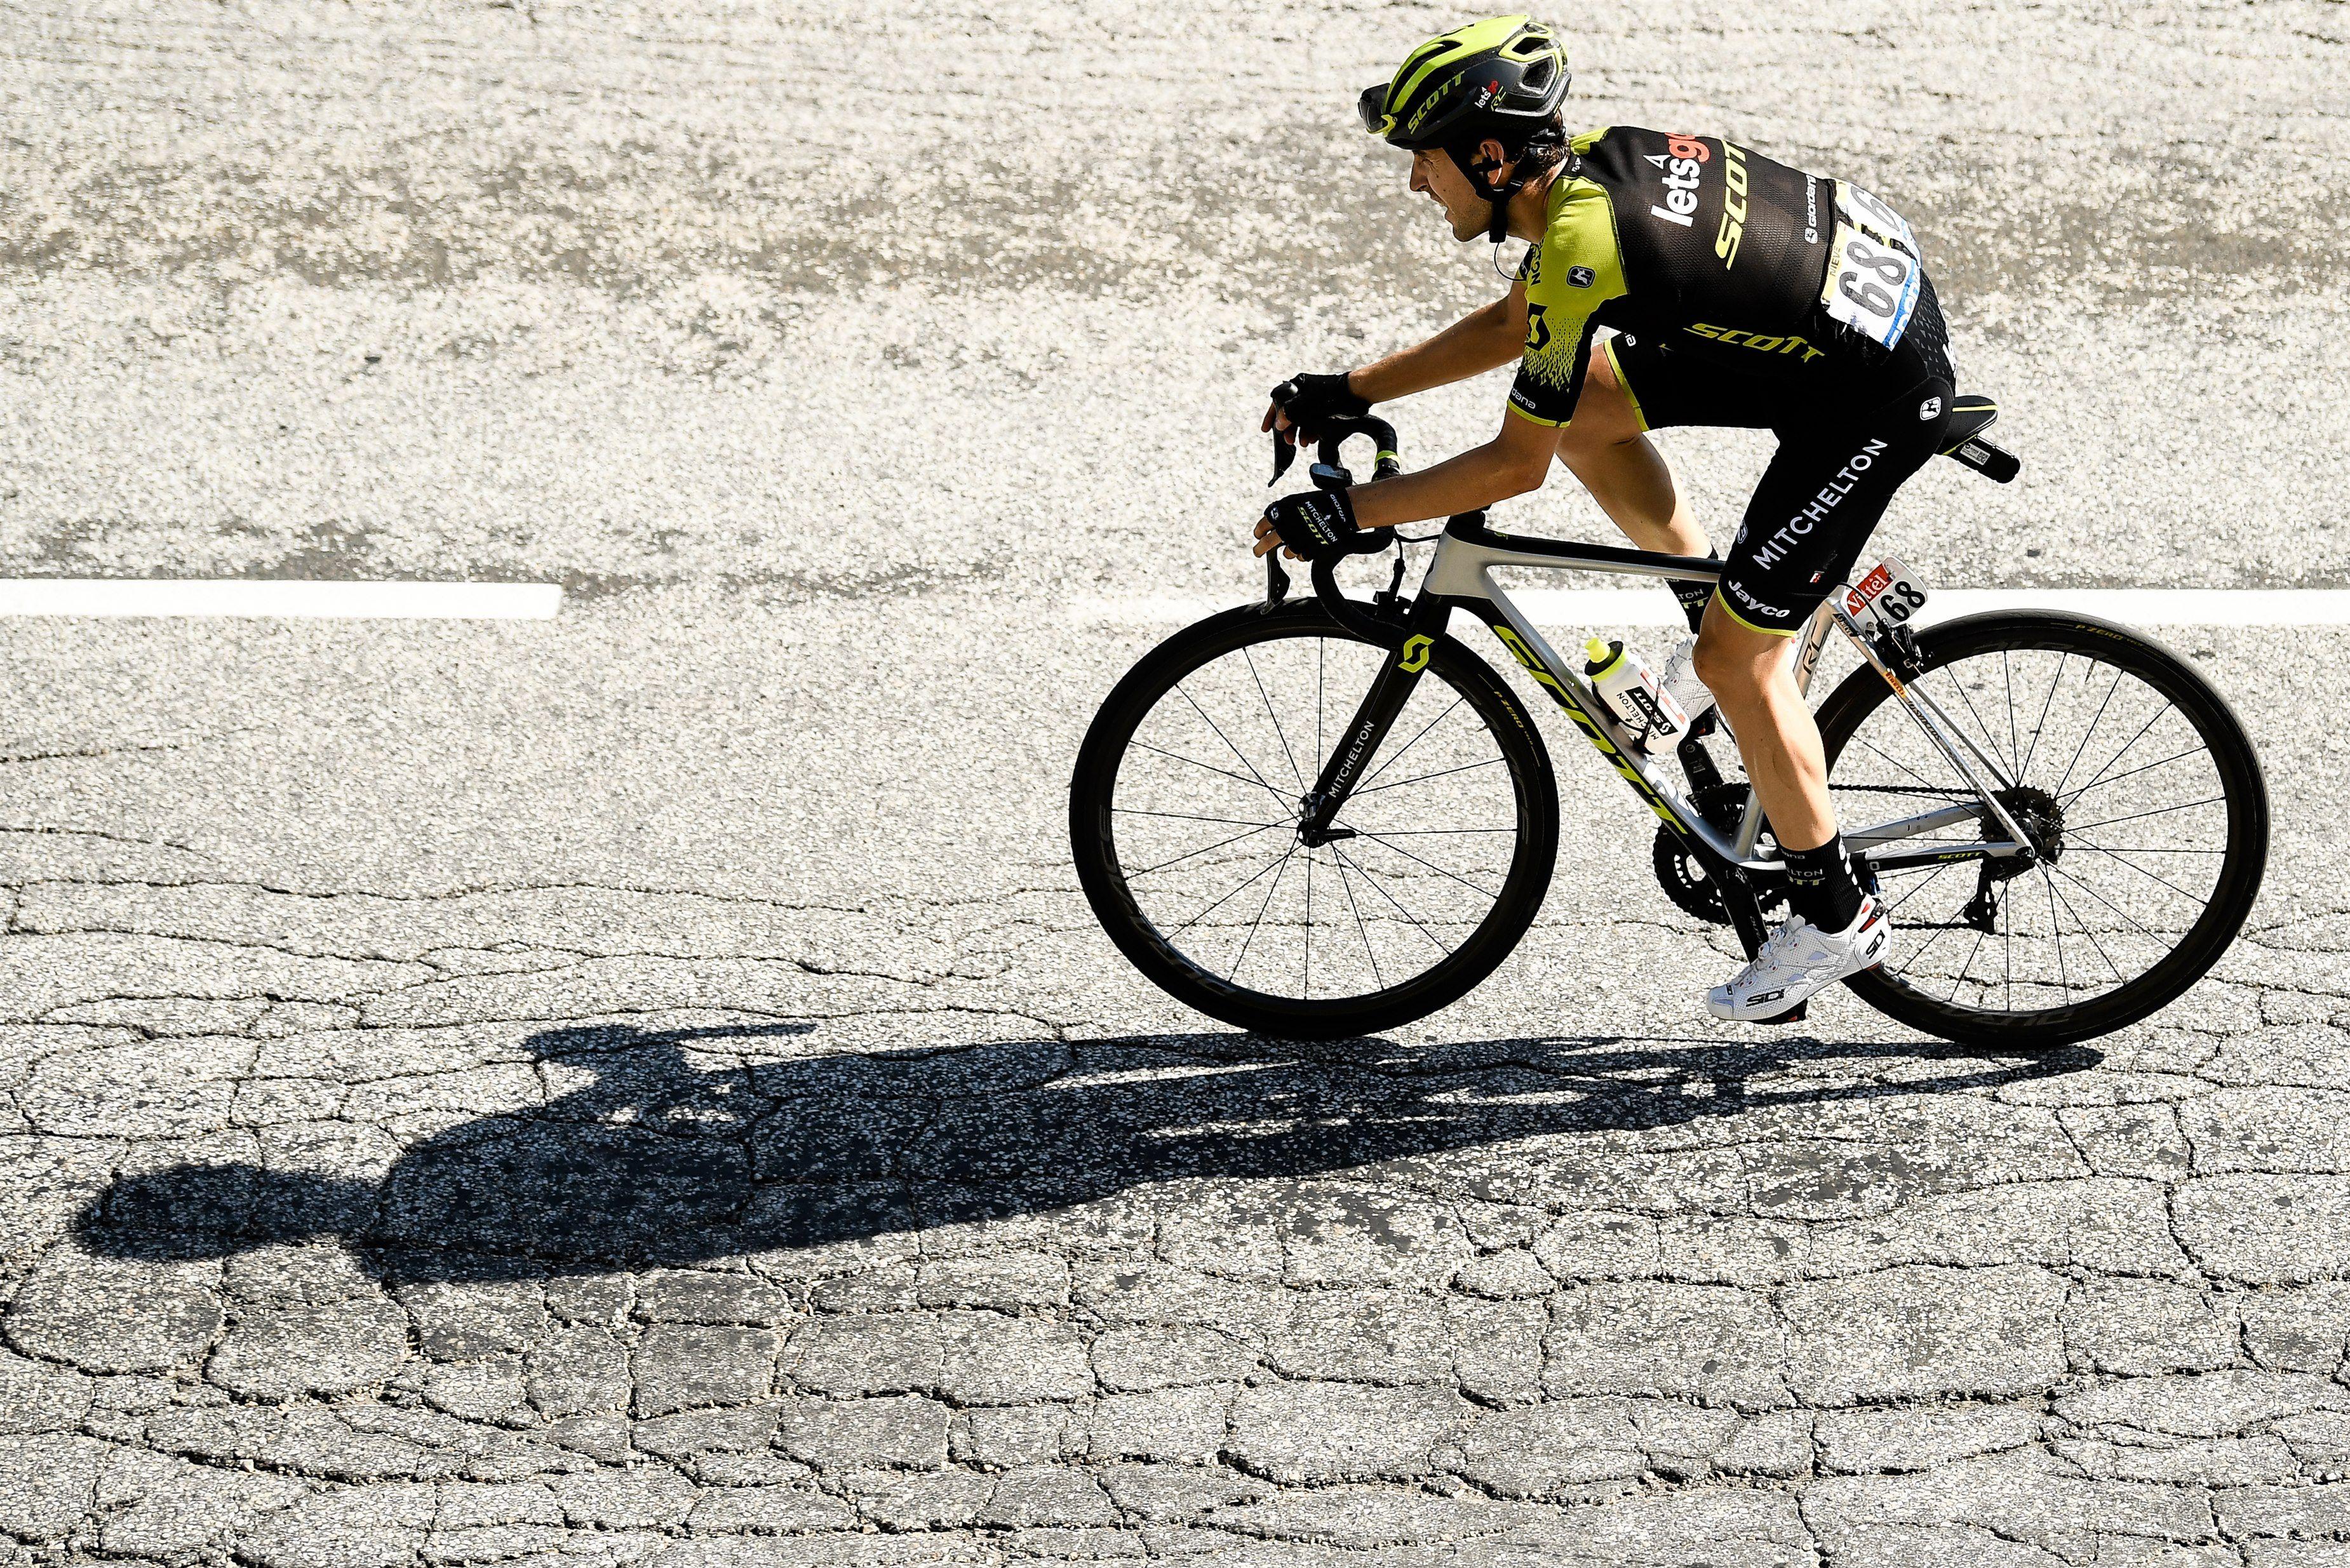 El Corredor Espanol Del Mitchelton Scott Mikel Nieve Confia En Mejorar Los Resultados De La Temporada Pasada Que No Fue Su Mejor An En 2020 Ciclismo Nieve Corredores